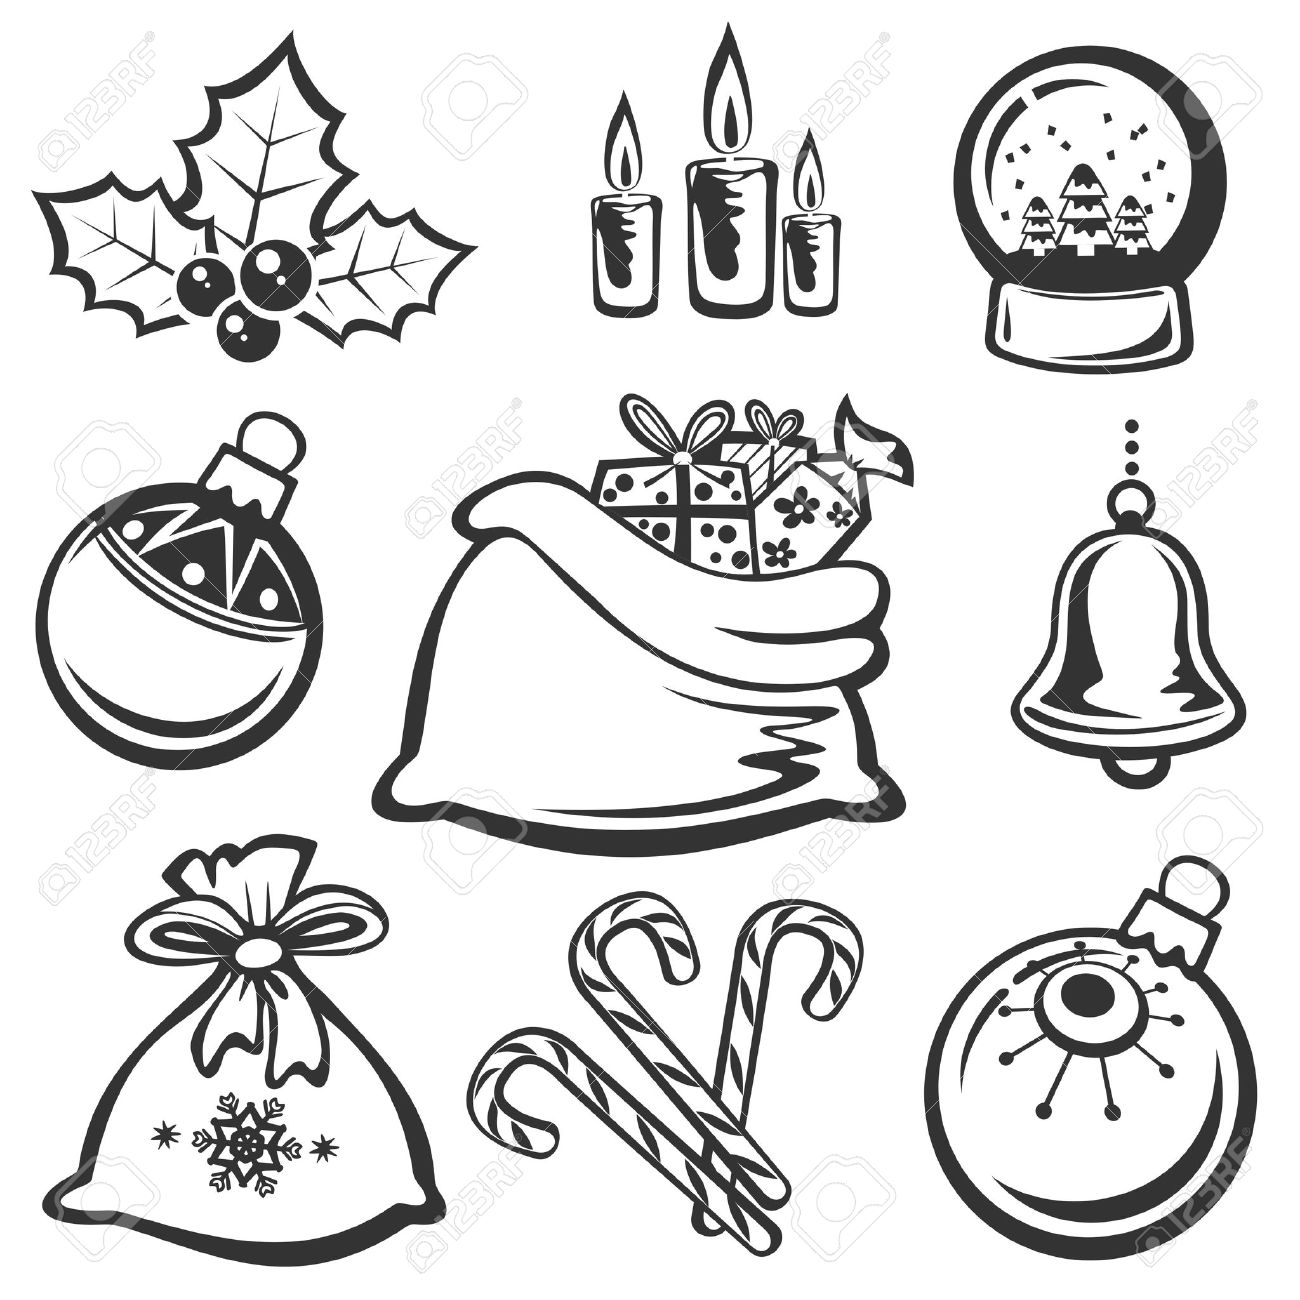 Cartoon Christmas symbols set isolated on a white background..